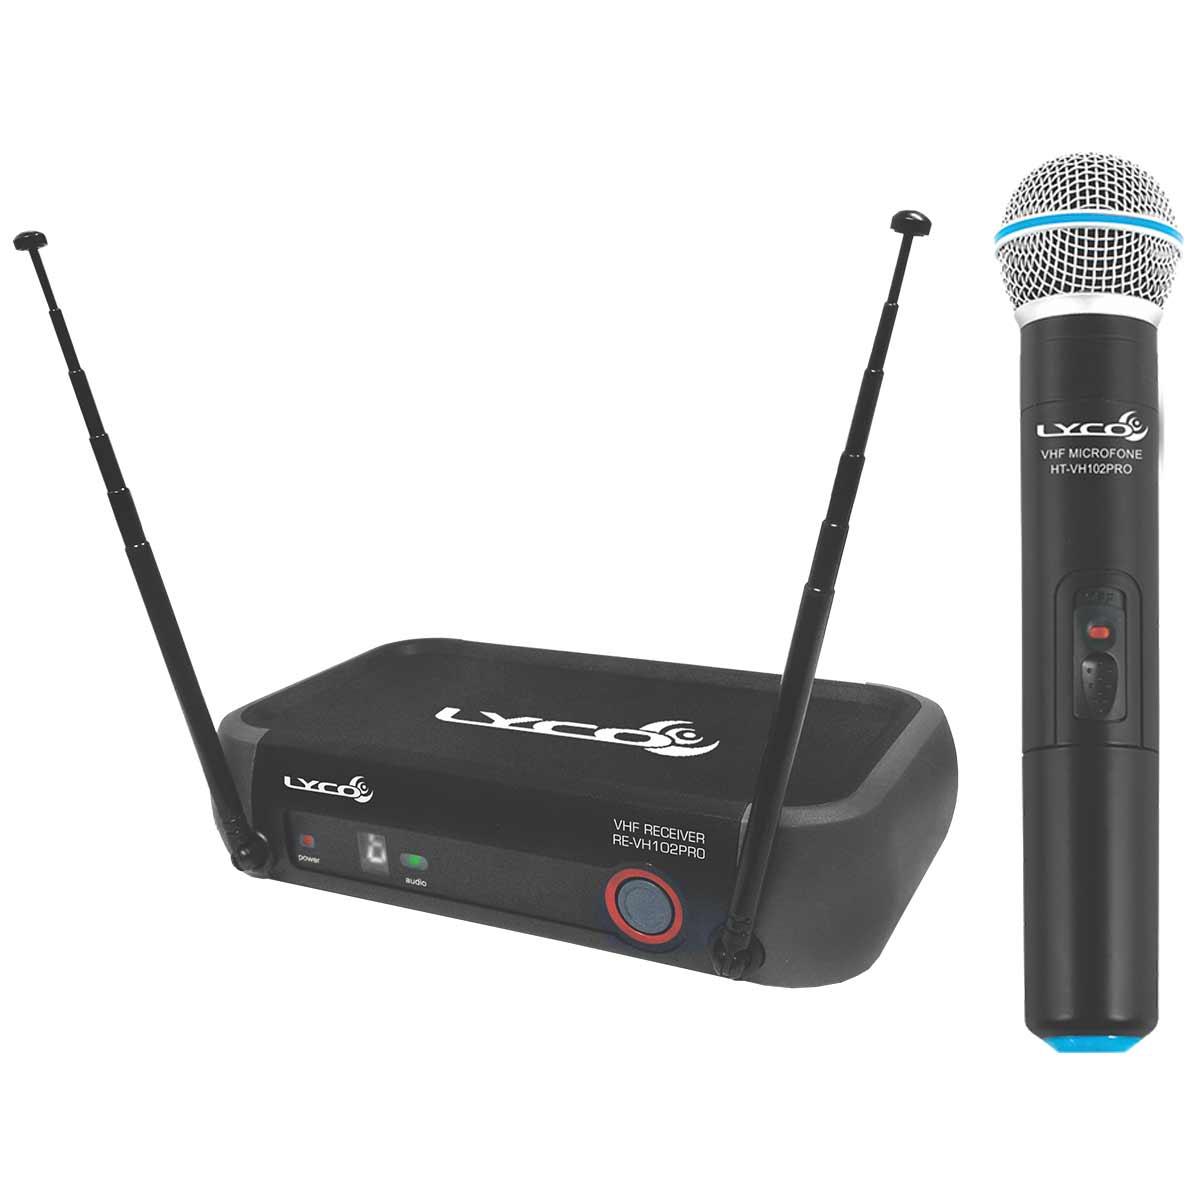 VH102PROM - Microfone s/ Fio de Mão VHF VH 102 PRO M - Lyco